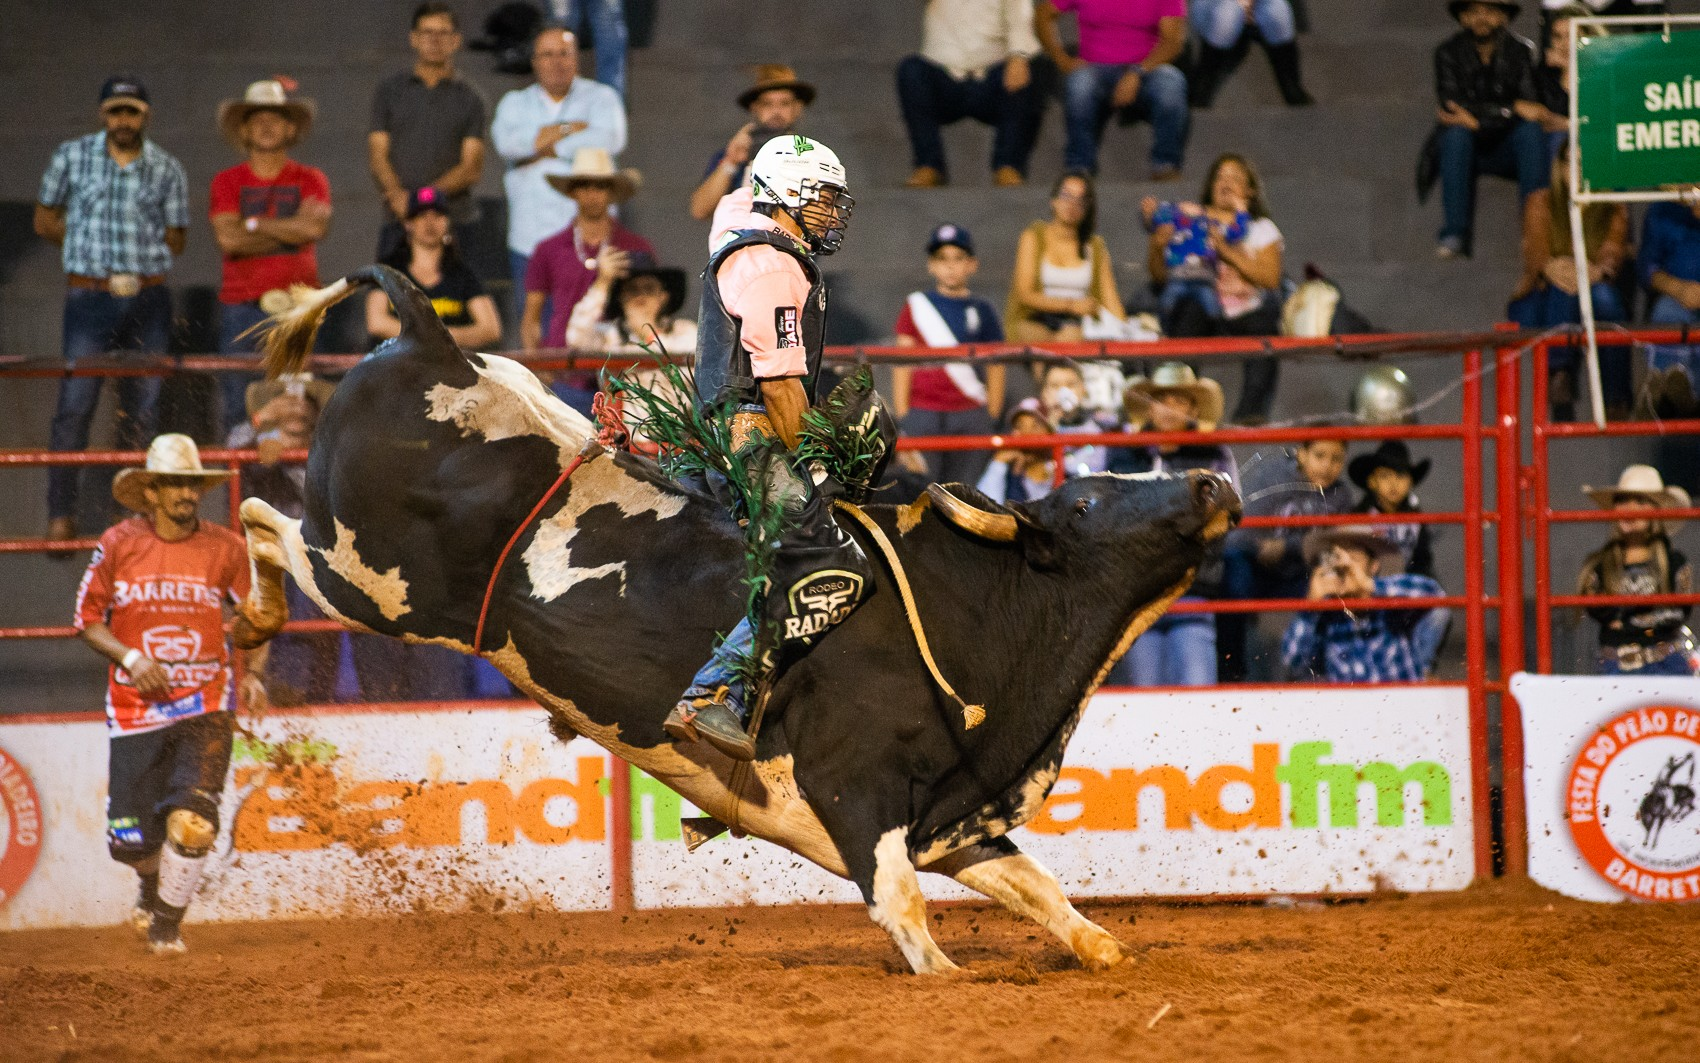 Em Barretos, peões de Minas Gerais garantem vaga em rodeio no Texas por prêmio de US$ 1 milhão - Notícias - Plantão Diário